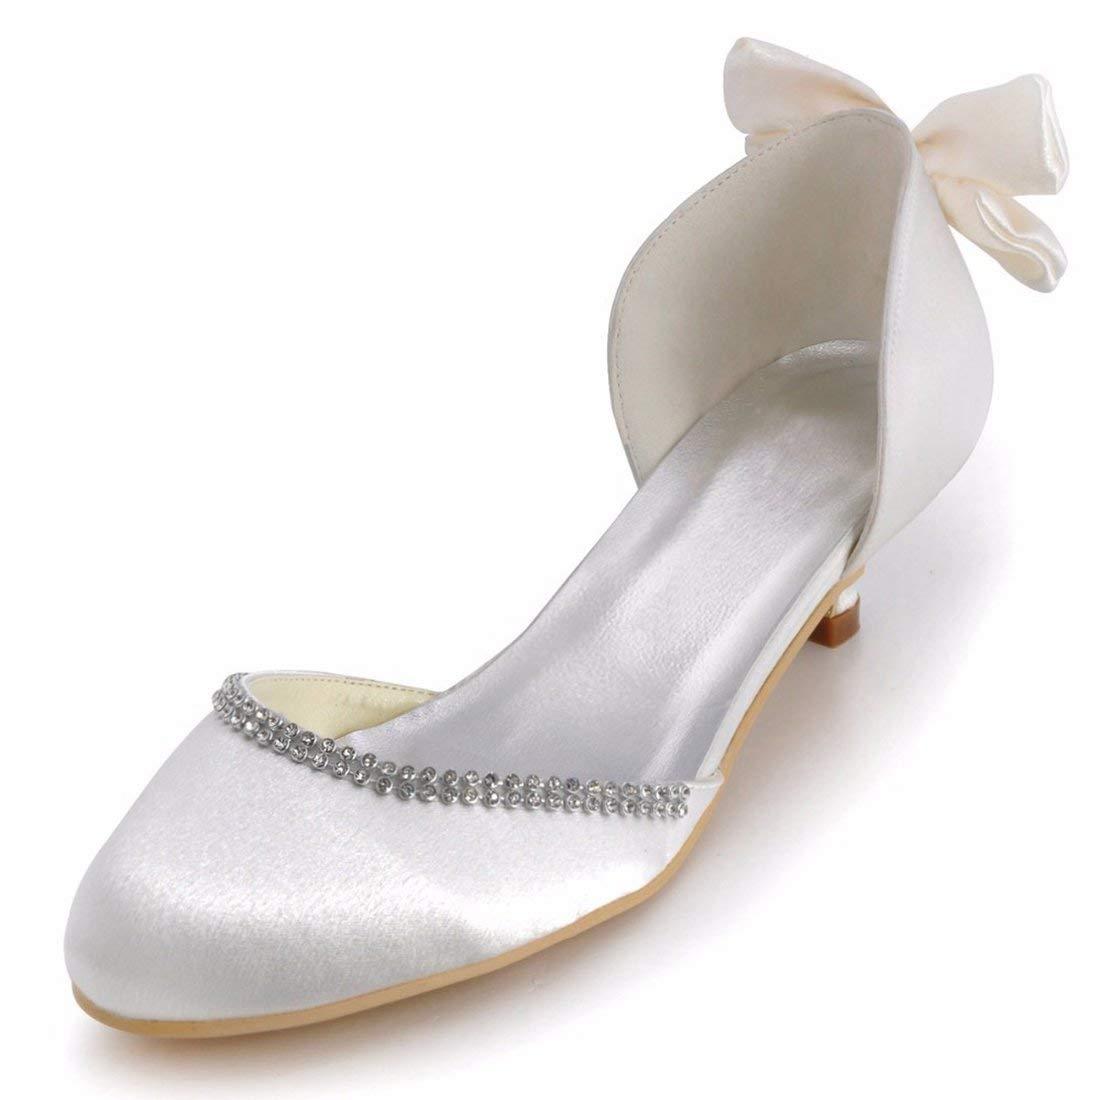 ZHRUI Damen Bowknot 2 Heel Heel Heel Satin D-Orsay Braut Hochzeit Outdoor-Schuhe (Farbe   Weiß-5cm Heel, Größe   7 UK) fda050